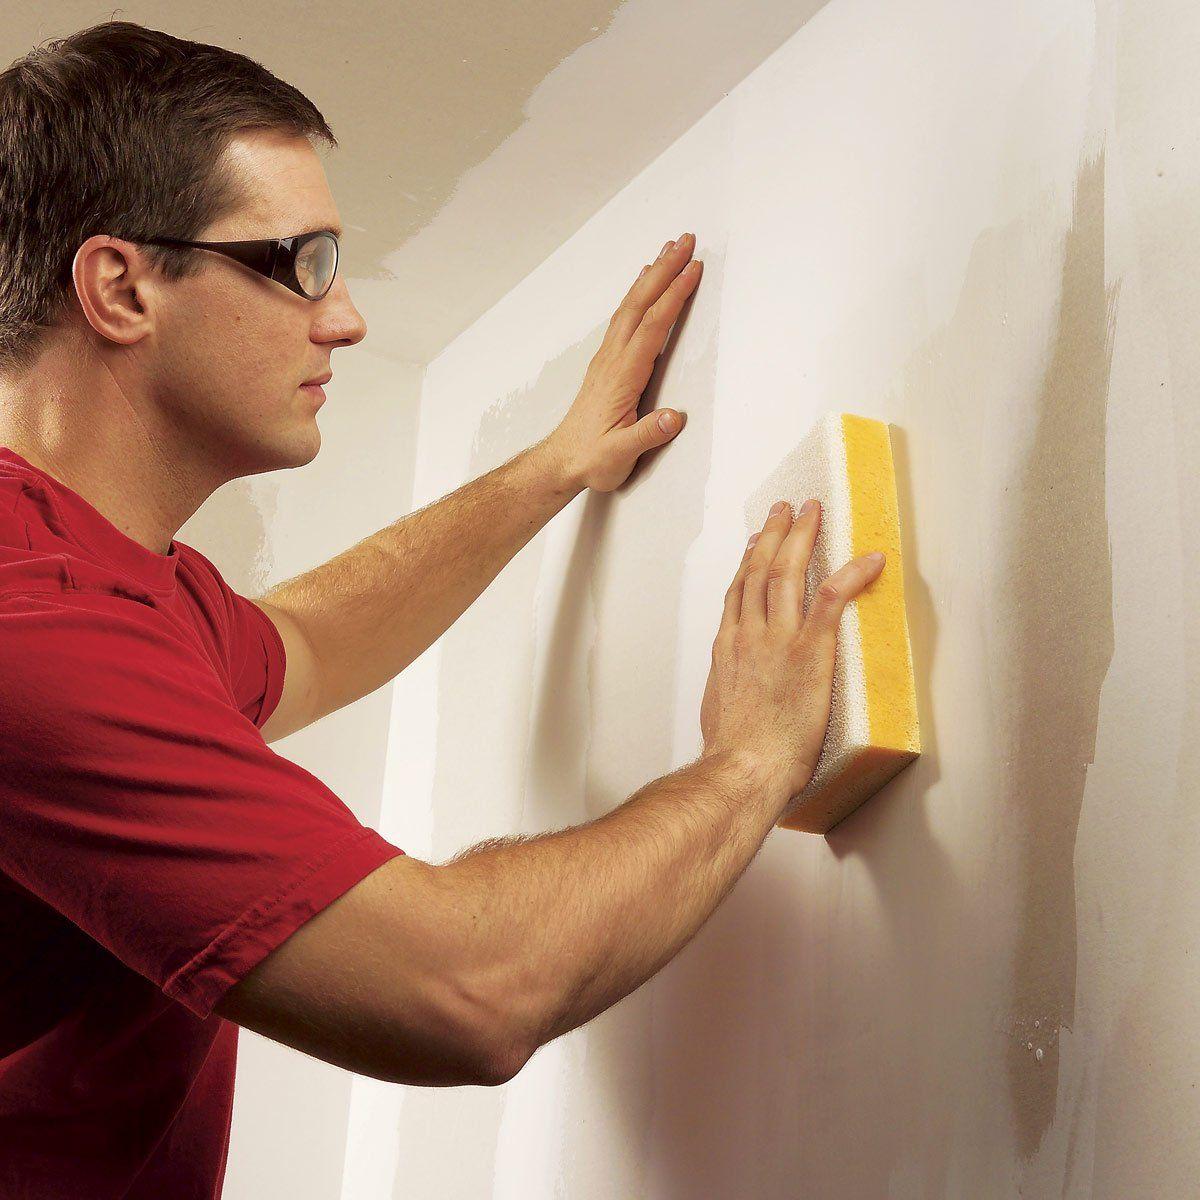 Wet Sanding Drywall In 2020 Drywall Repair Drywall Drywall Finishing